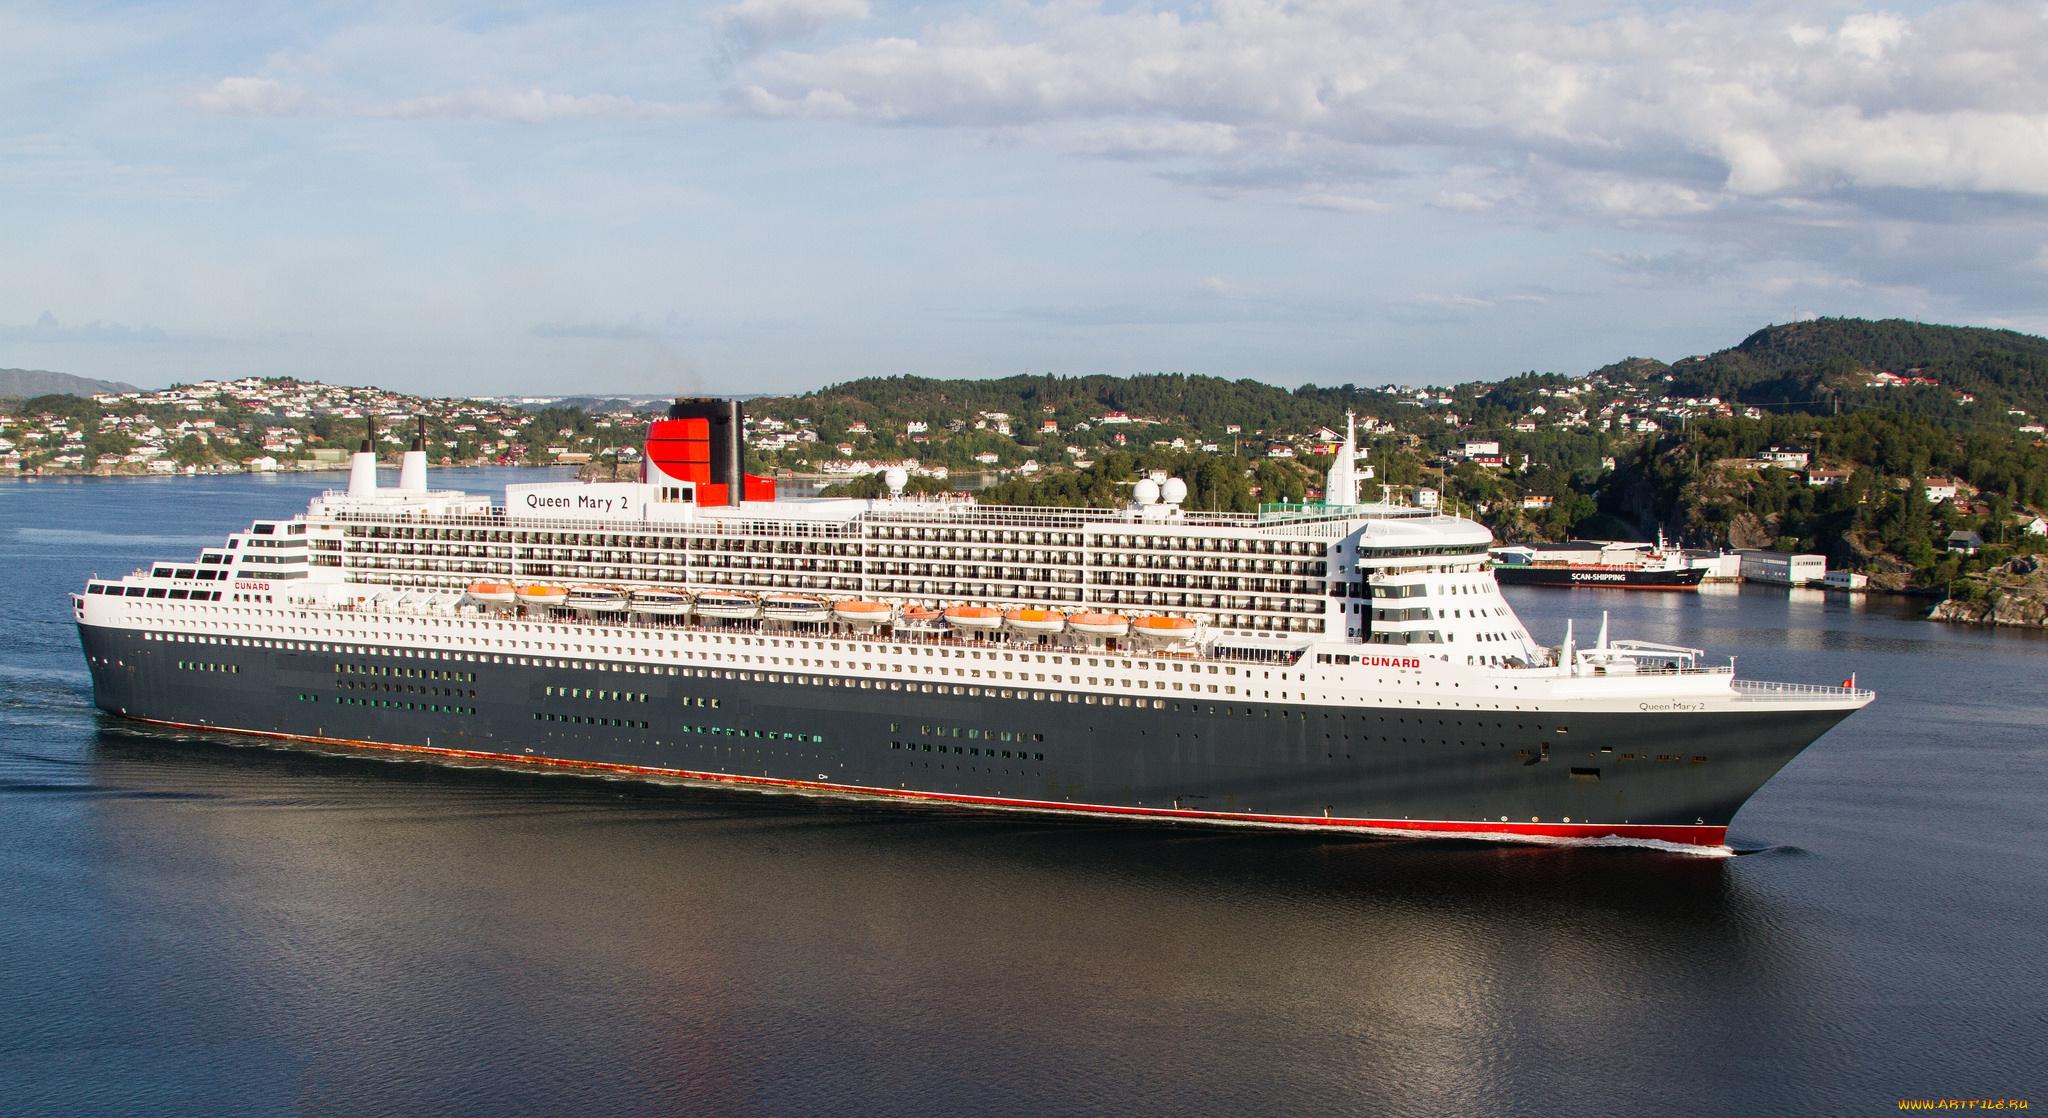 queens ship lets - HD1680×1050